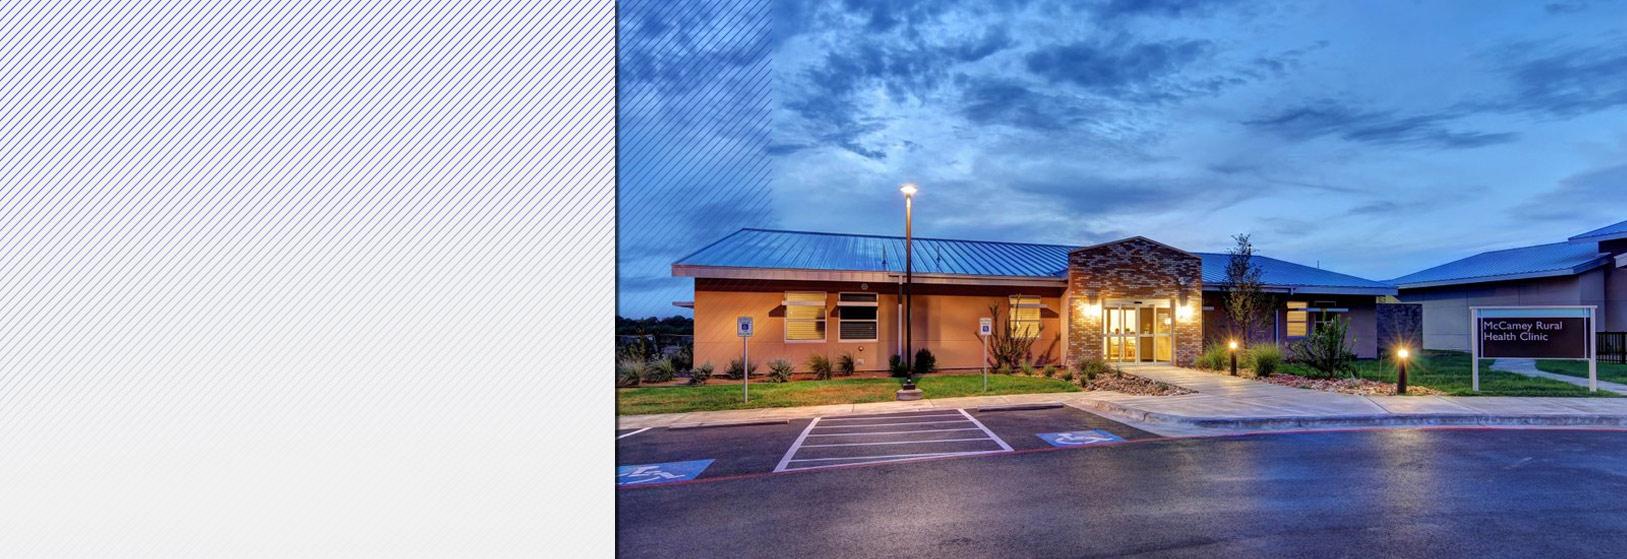 McCamey County Hospital Rural Health Clinic